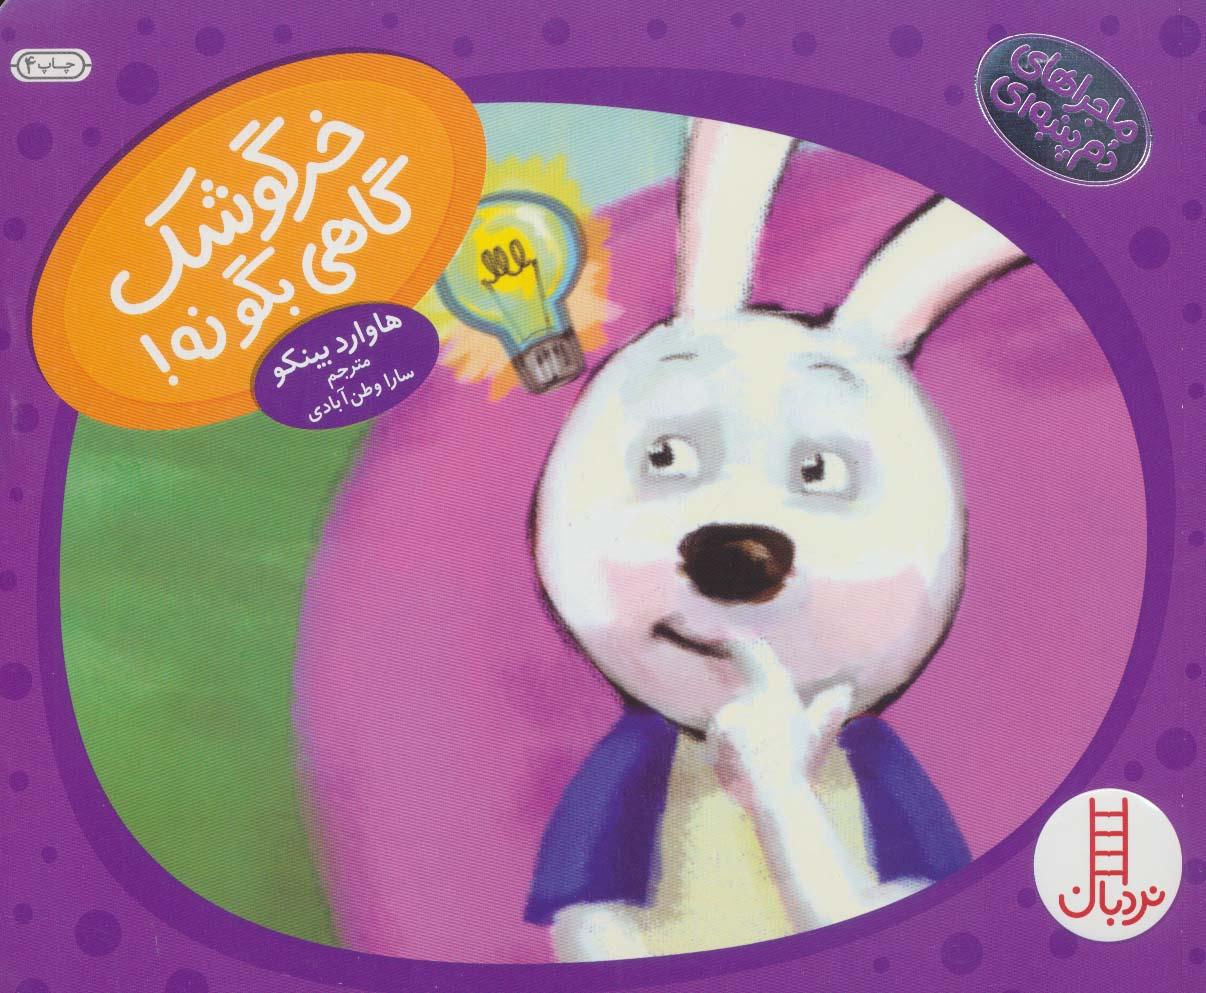 خرگوشک گاهی بگو نه! (ماجراهای دم پنبه ای)،(گلاسه)